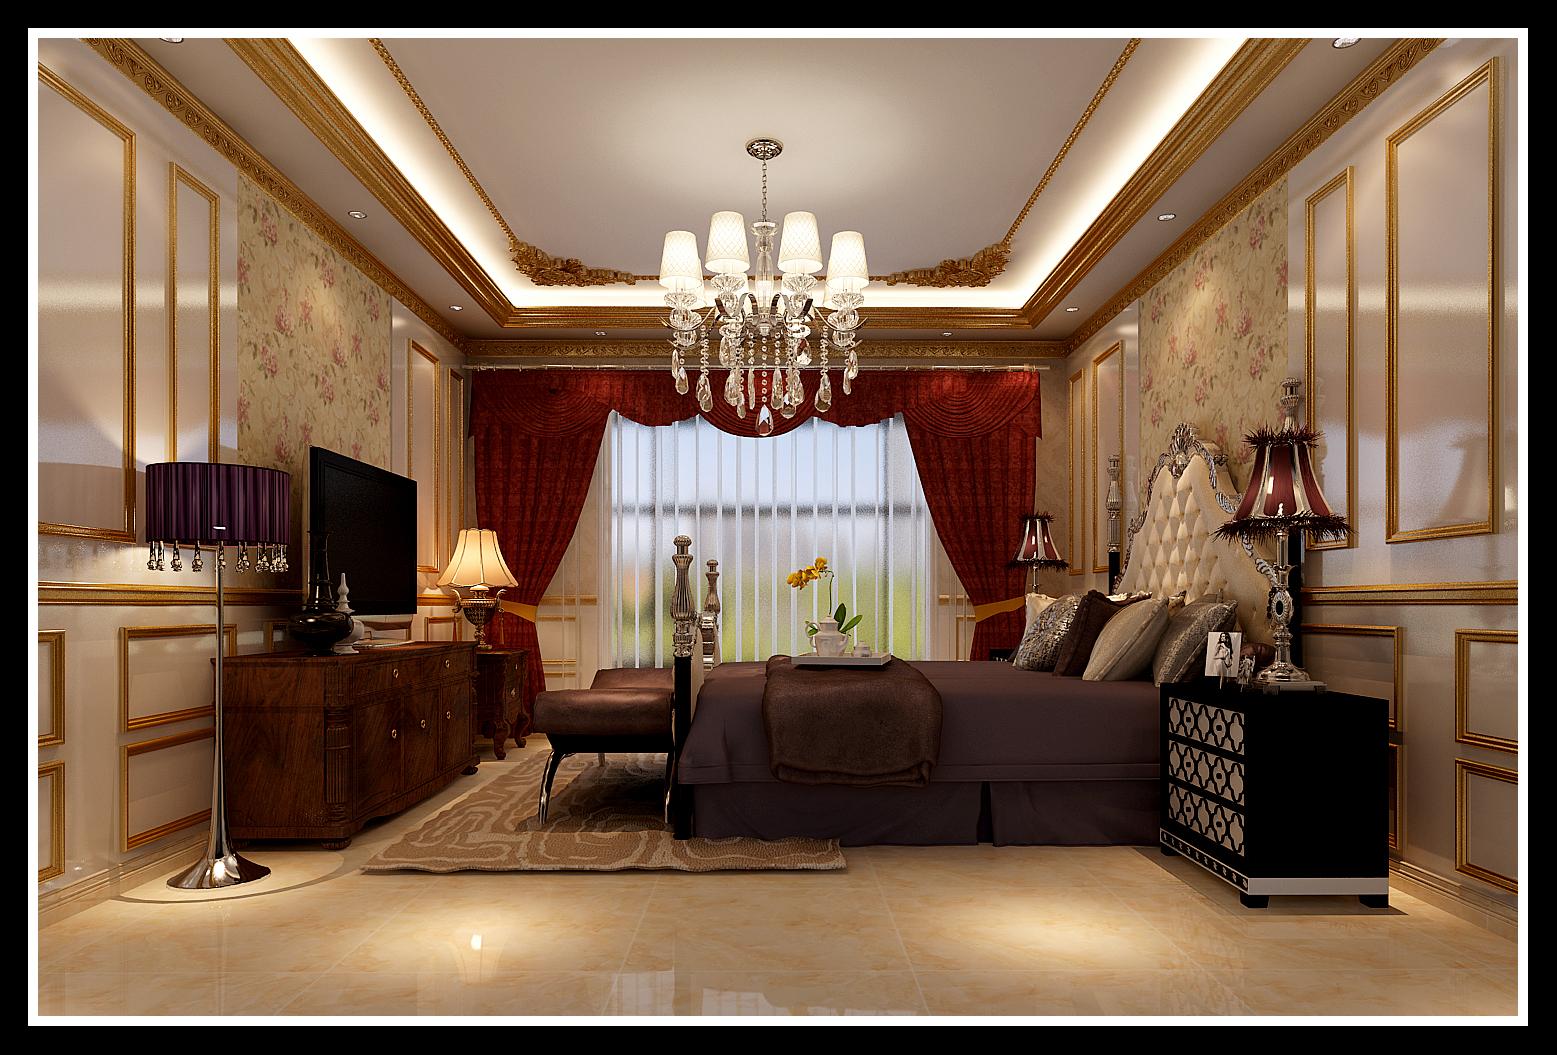 卧室 储物柜 背景墙 吊灯 卧室图片来自石家庄大业美家装饰在藁城自建别墅—豪华欧式风格的分享